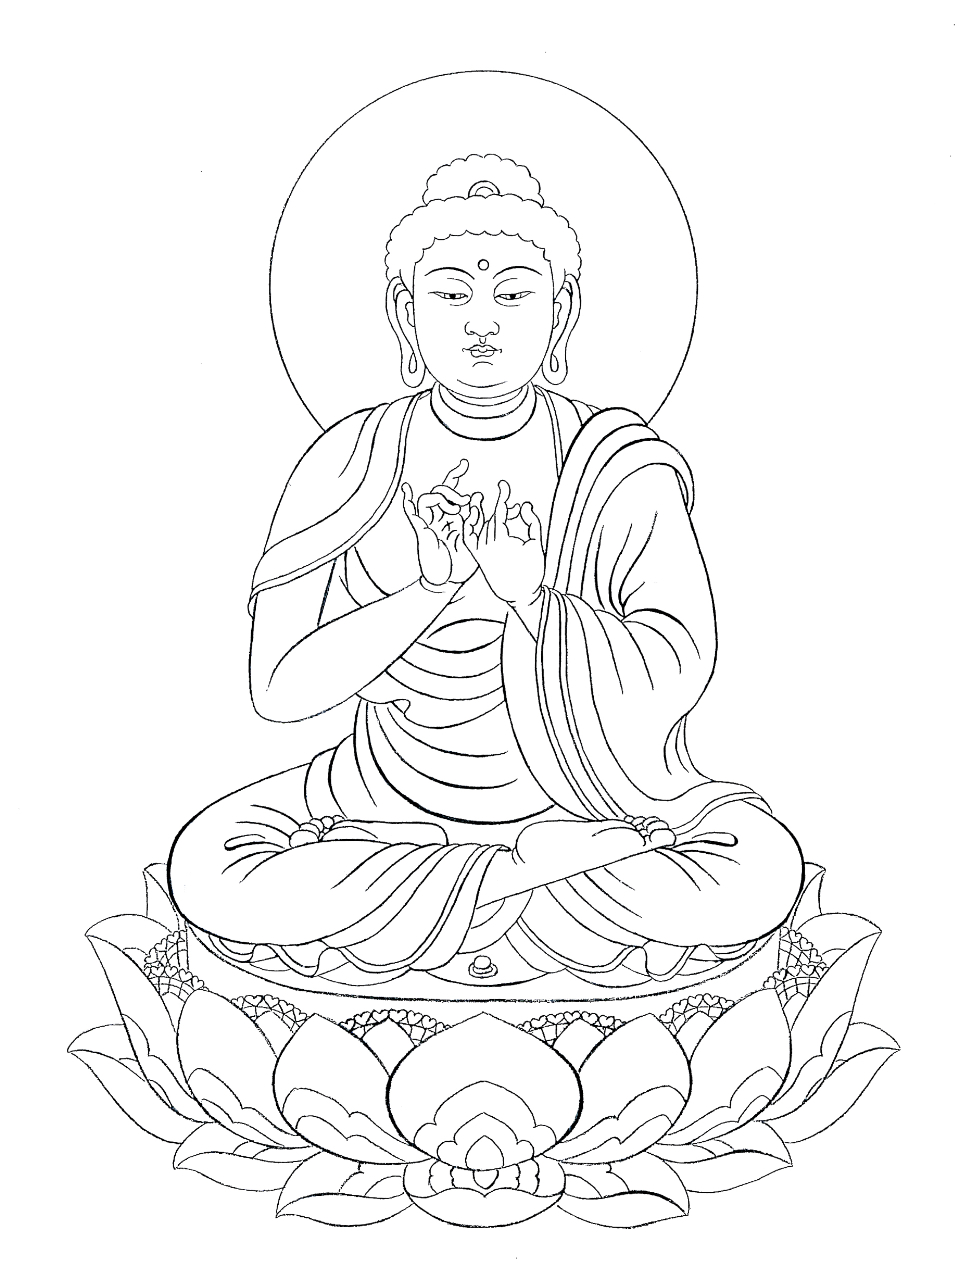 960x1280 The 13 Buddhas The Thirteen Buddhas